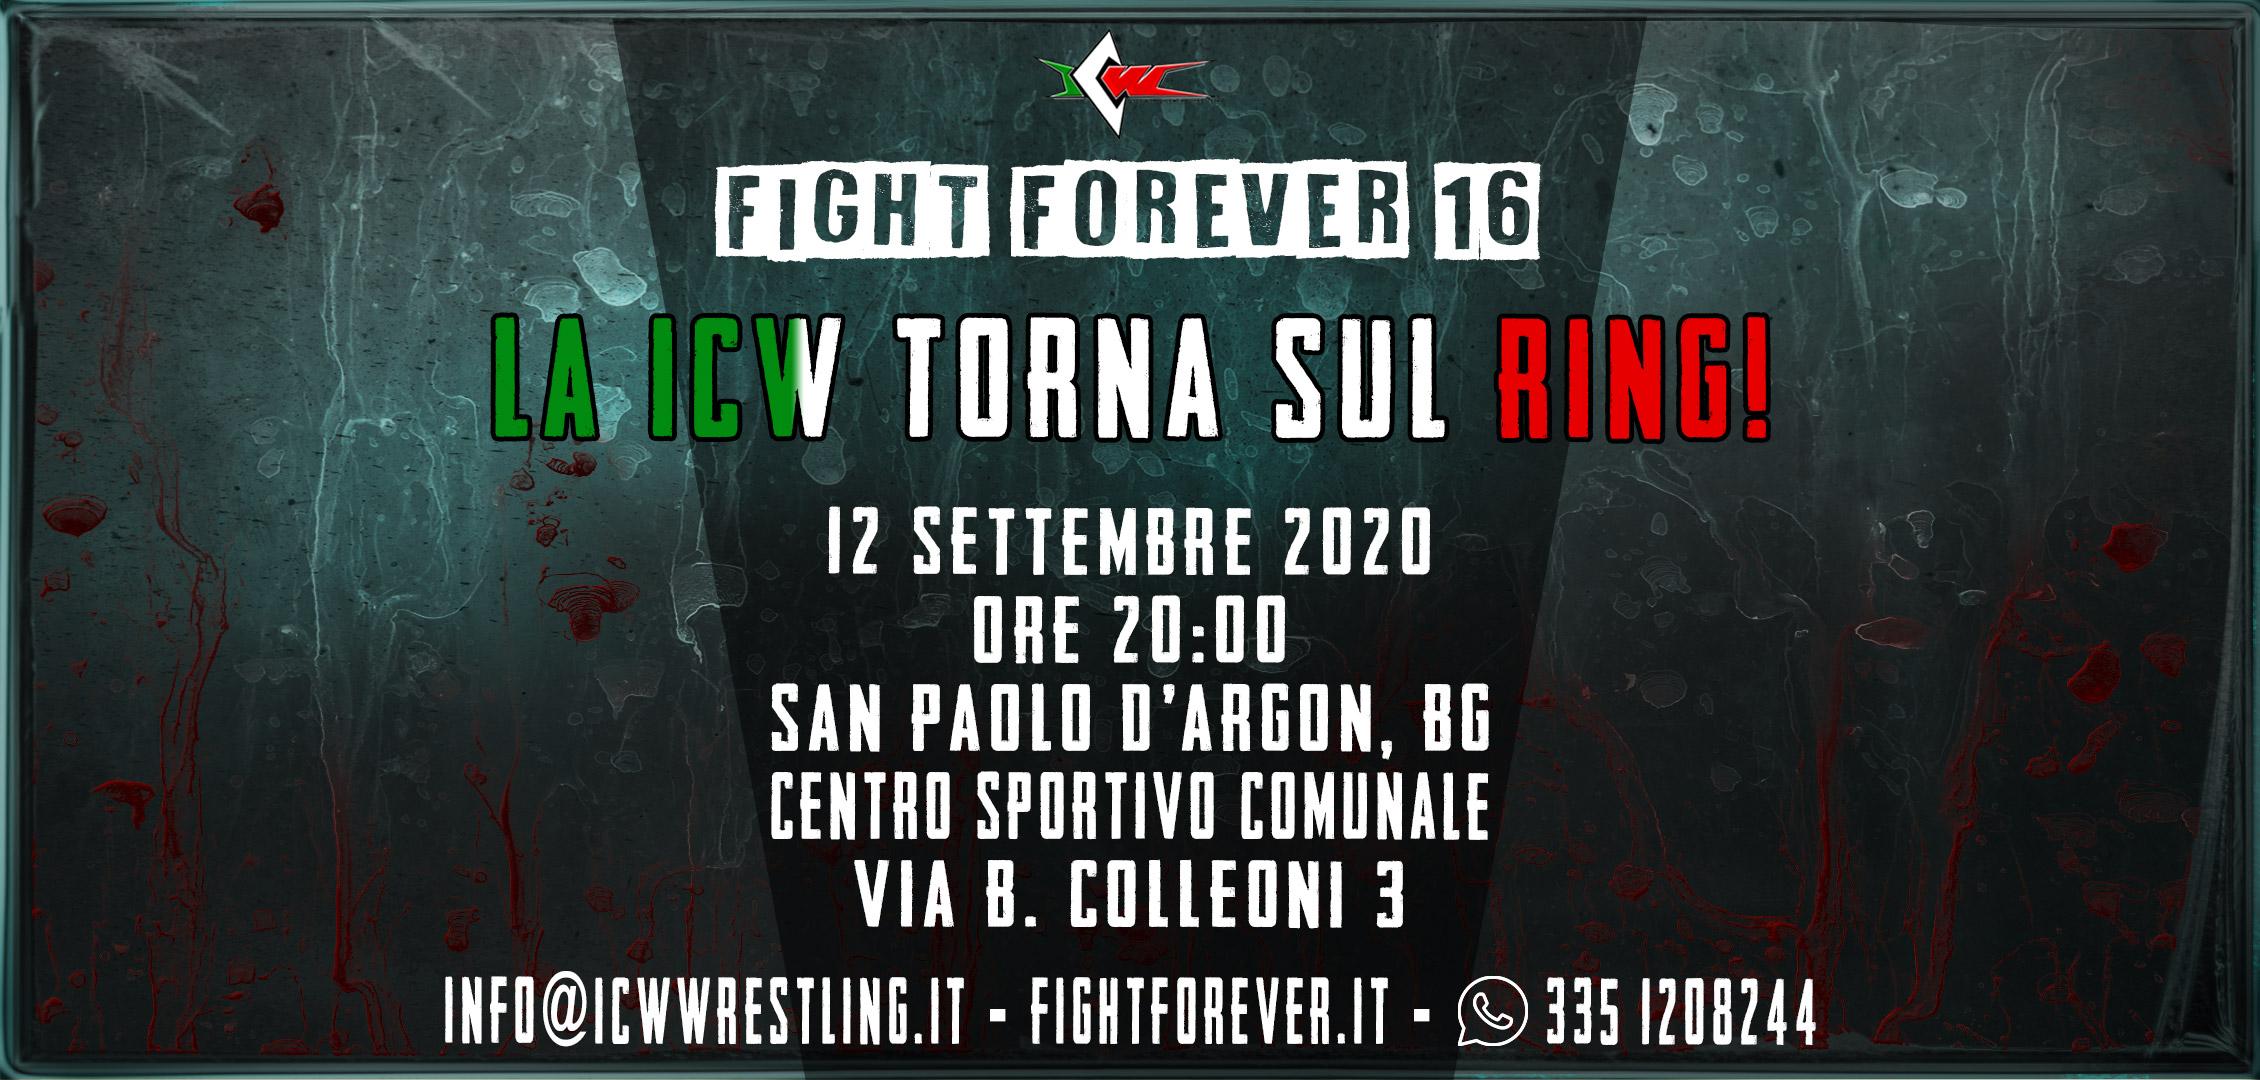 La ICW torna sul Ring sabato 12 settembre 2020!